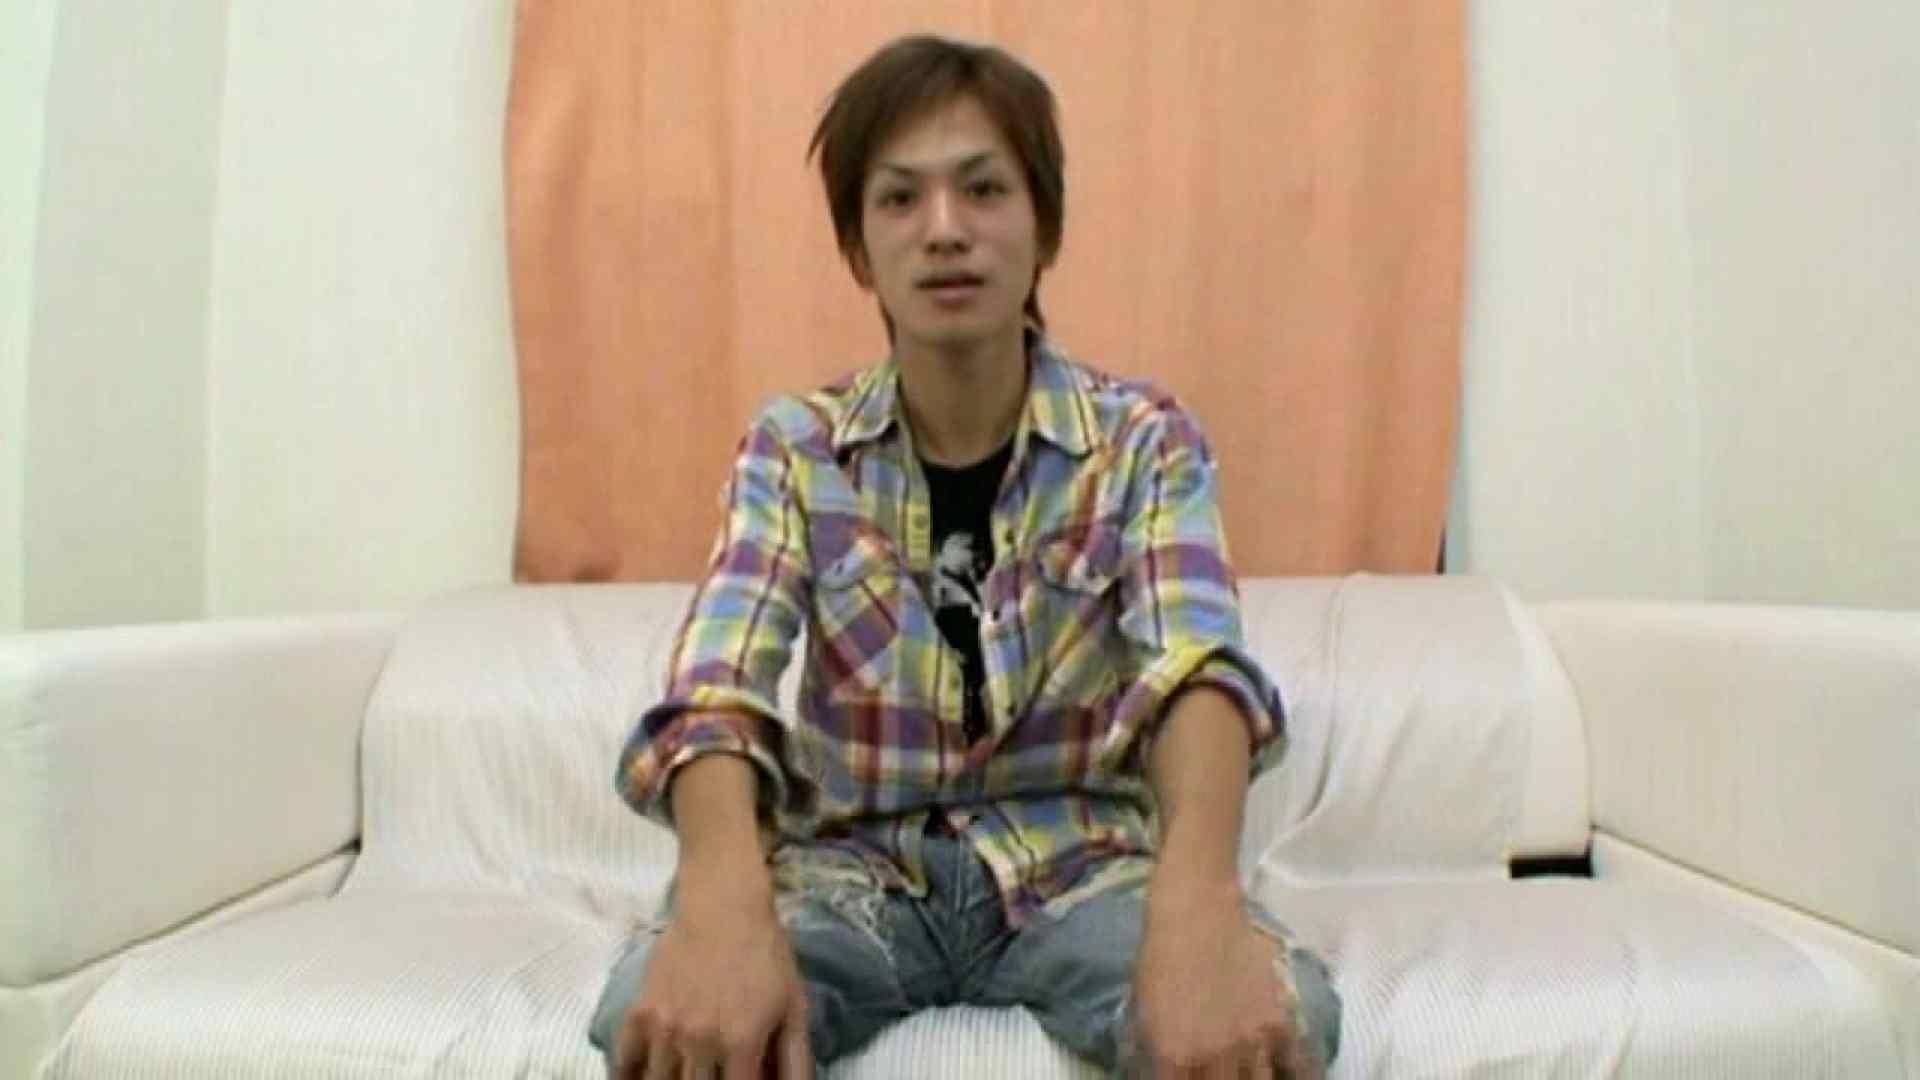 ノンケ!自慰スタジオ No.03 ゲイの自慰 ゲイセックス画像 58pic 23